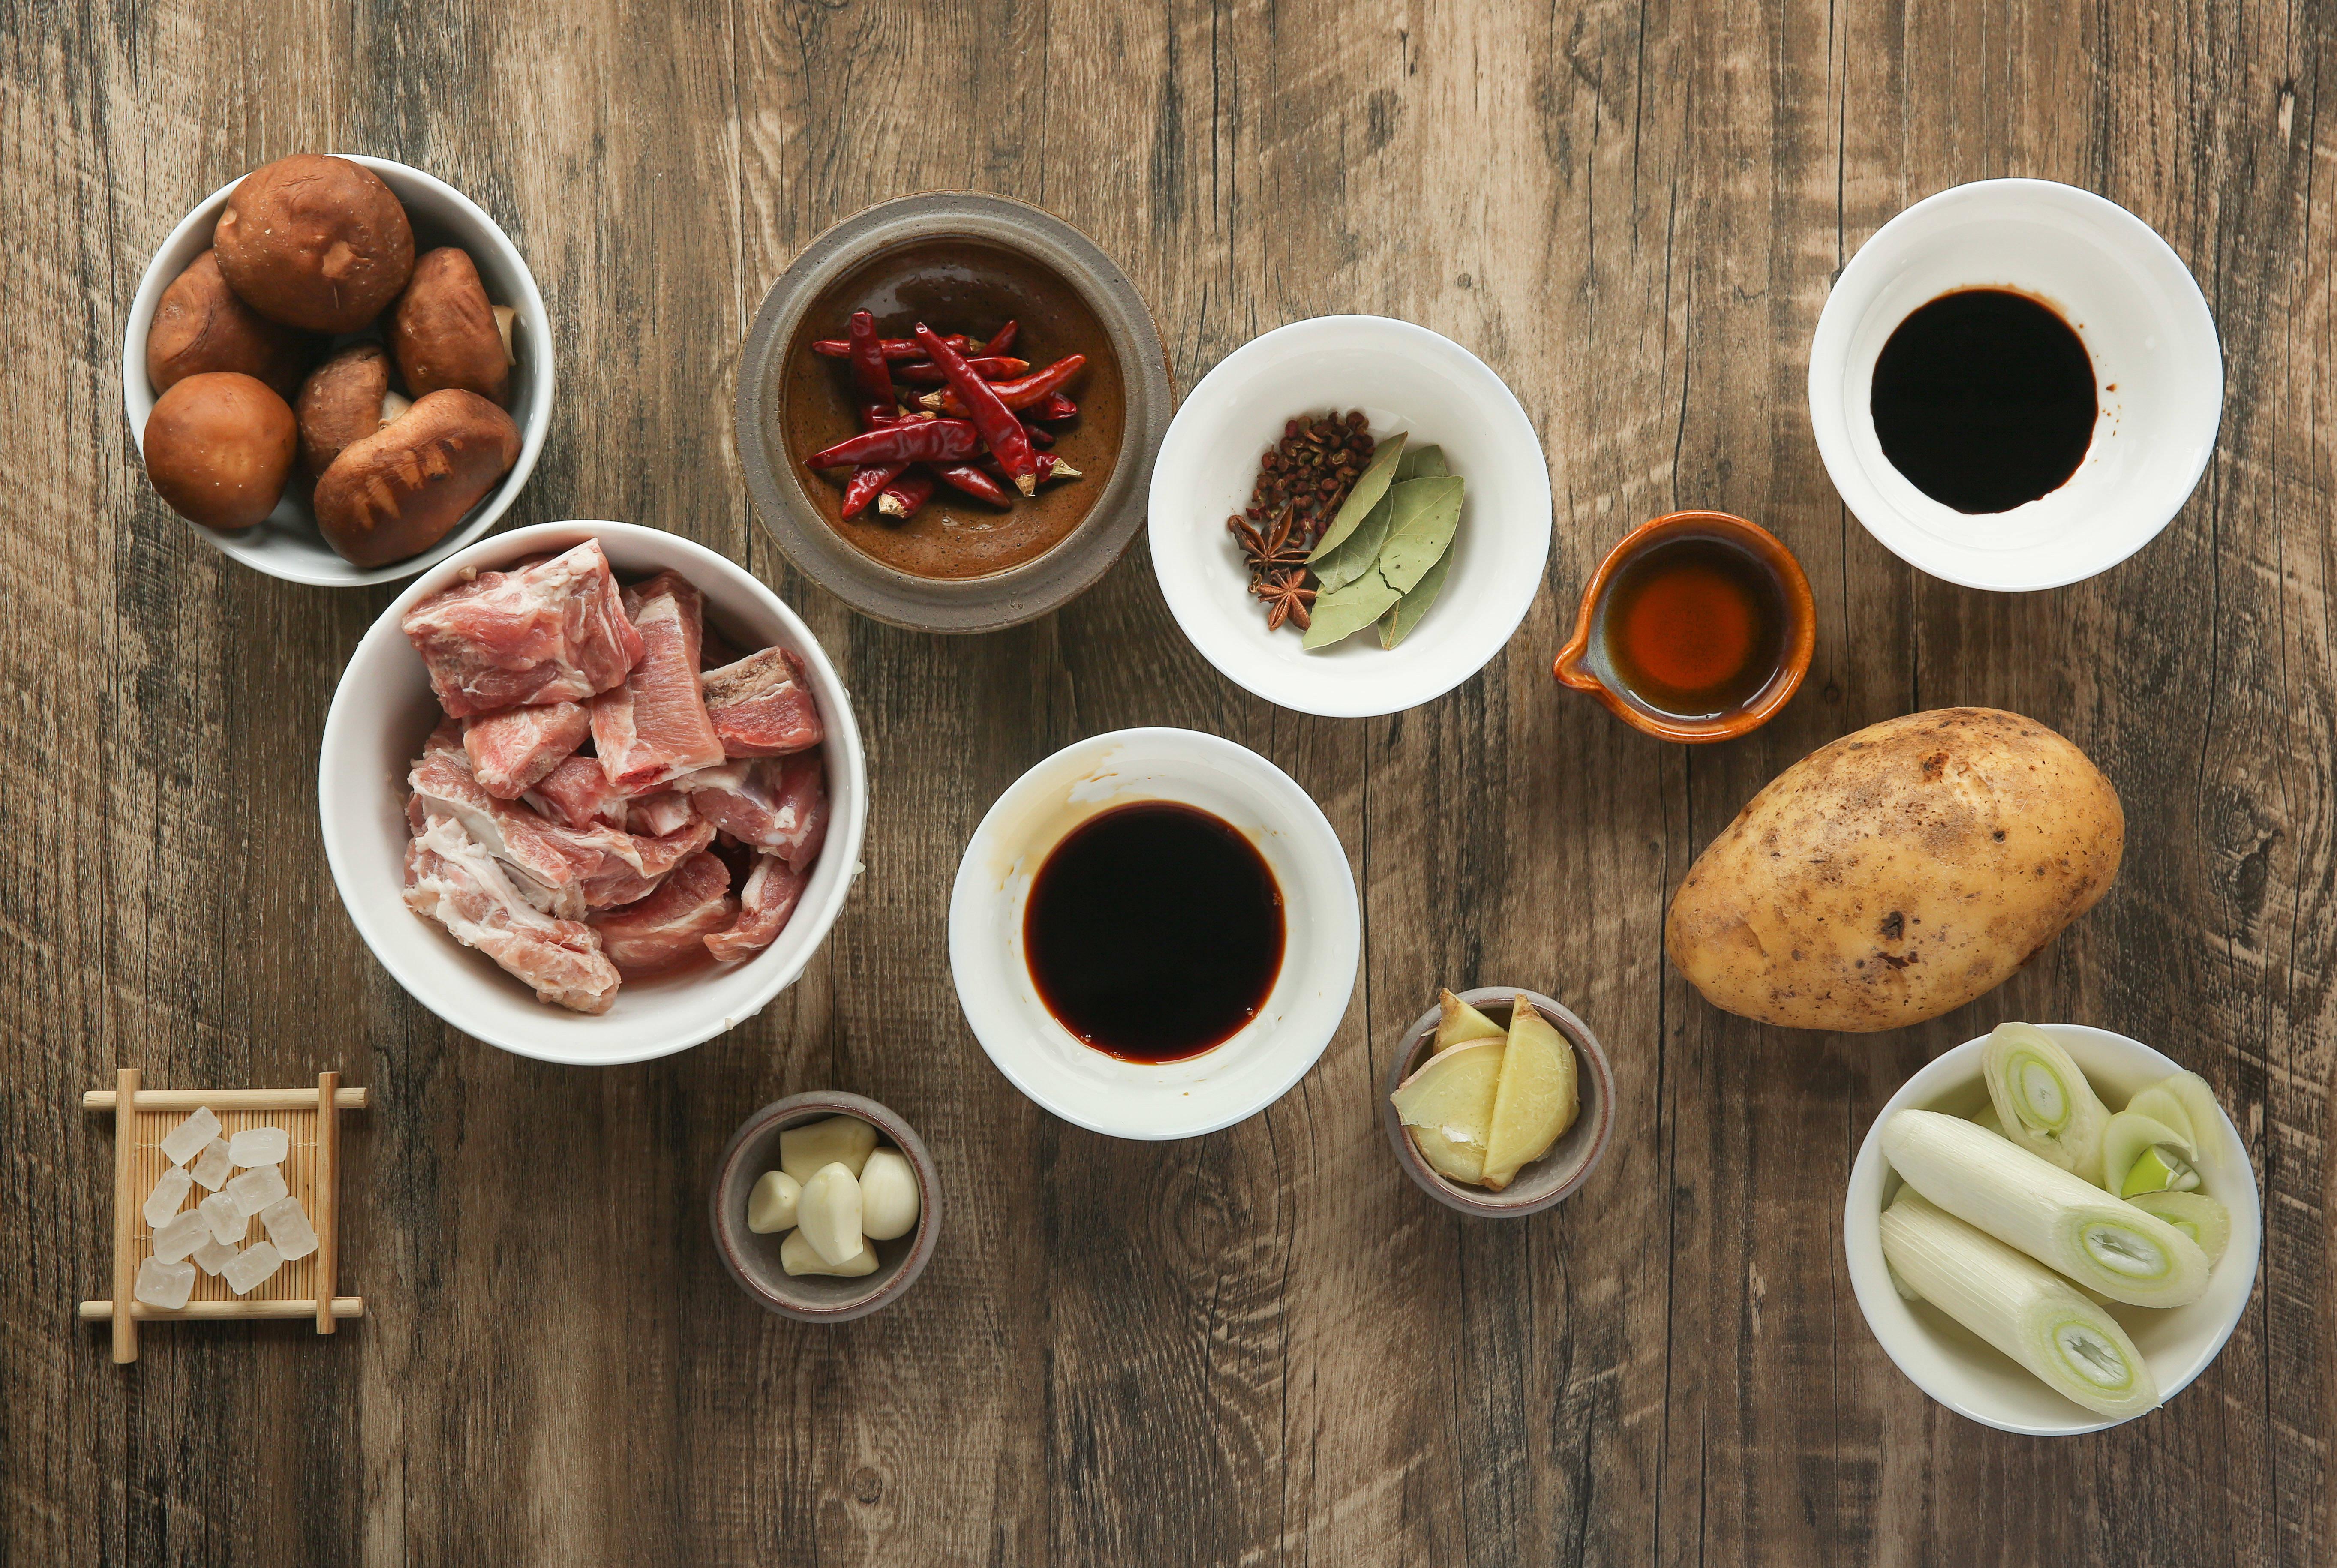 菌香土豆炖排骨,这样做味道更鲜香的做法 步骤1